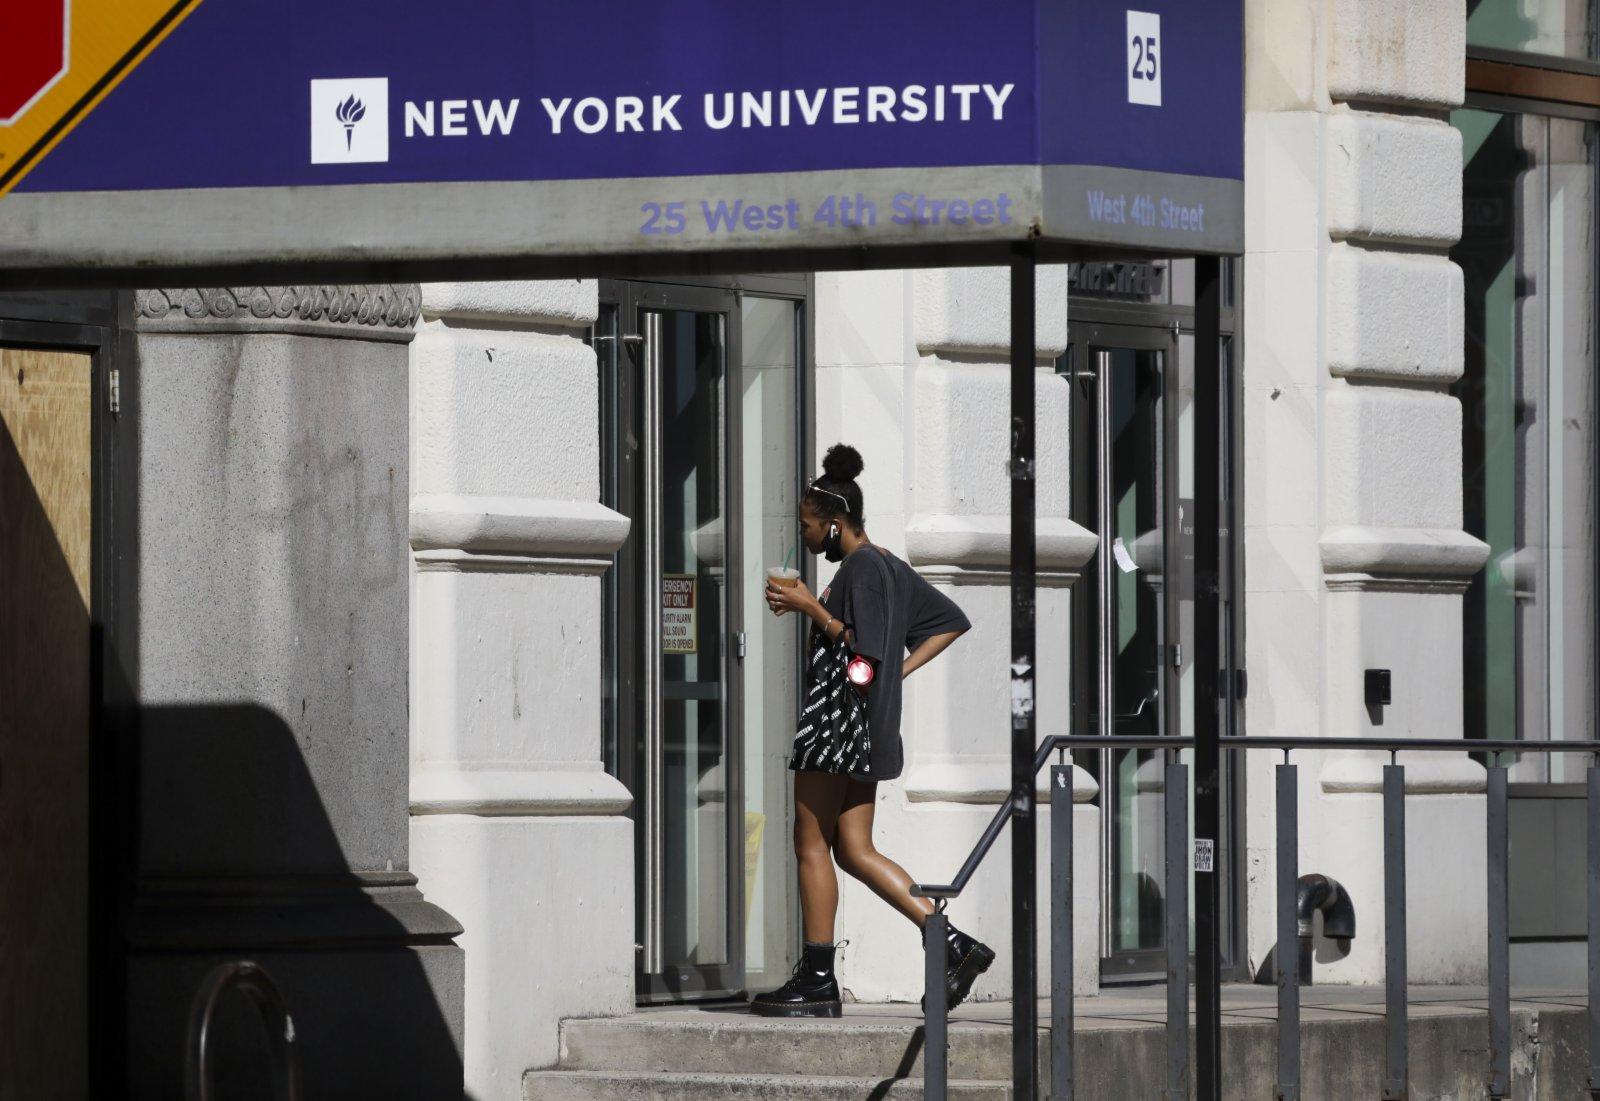 被拒簽中國留學生將起訴美國政府- 國際- 香港文匯網